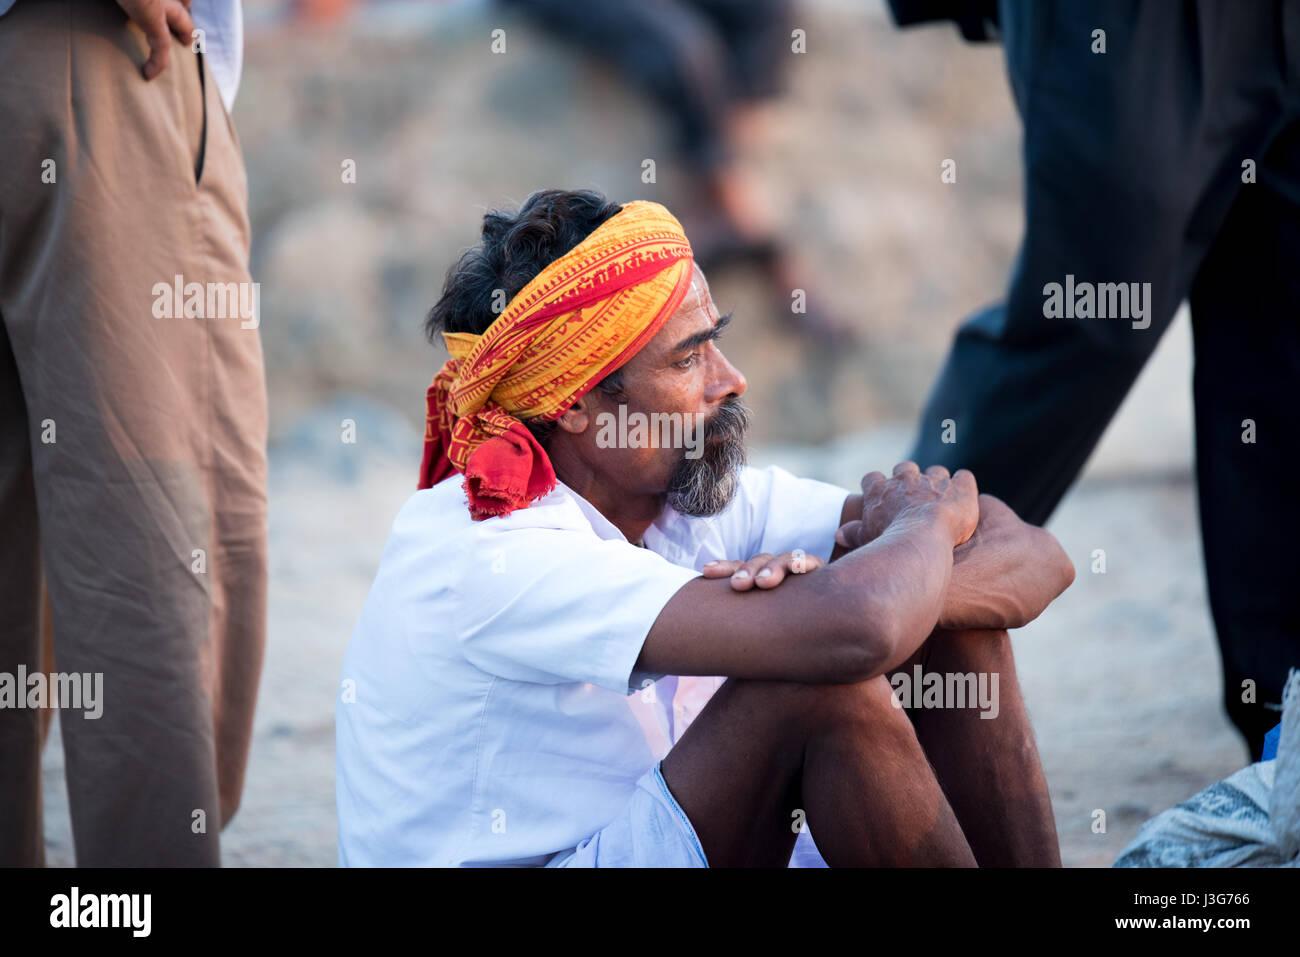 Gli uomini guardando seduto per terra inmidst una folla di persone in Kanyakumari, India Immagini Stock